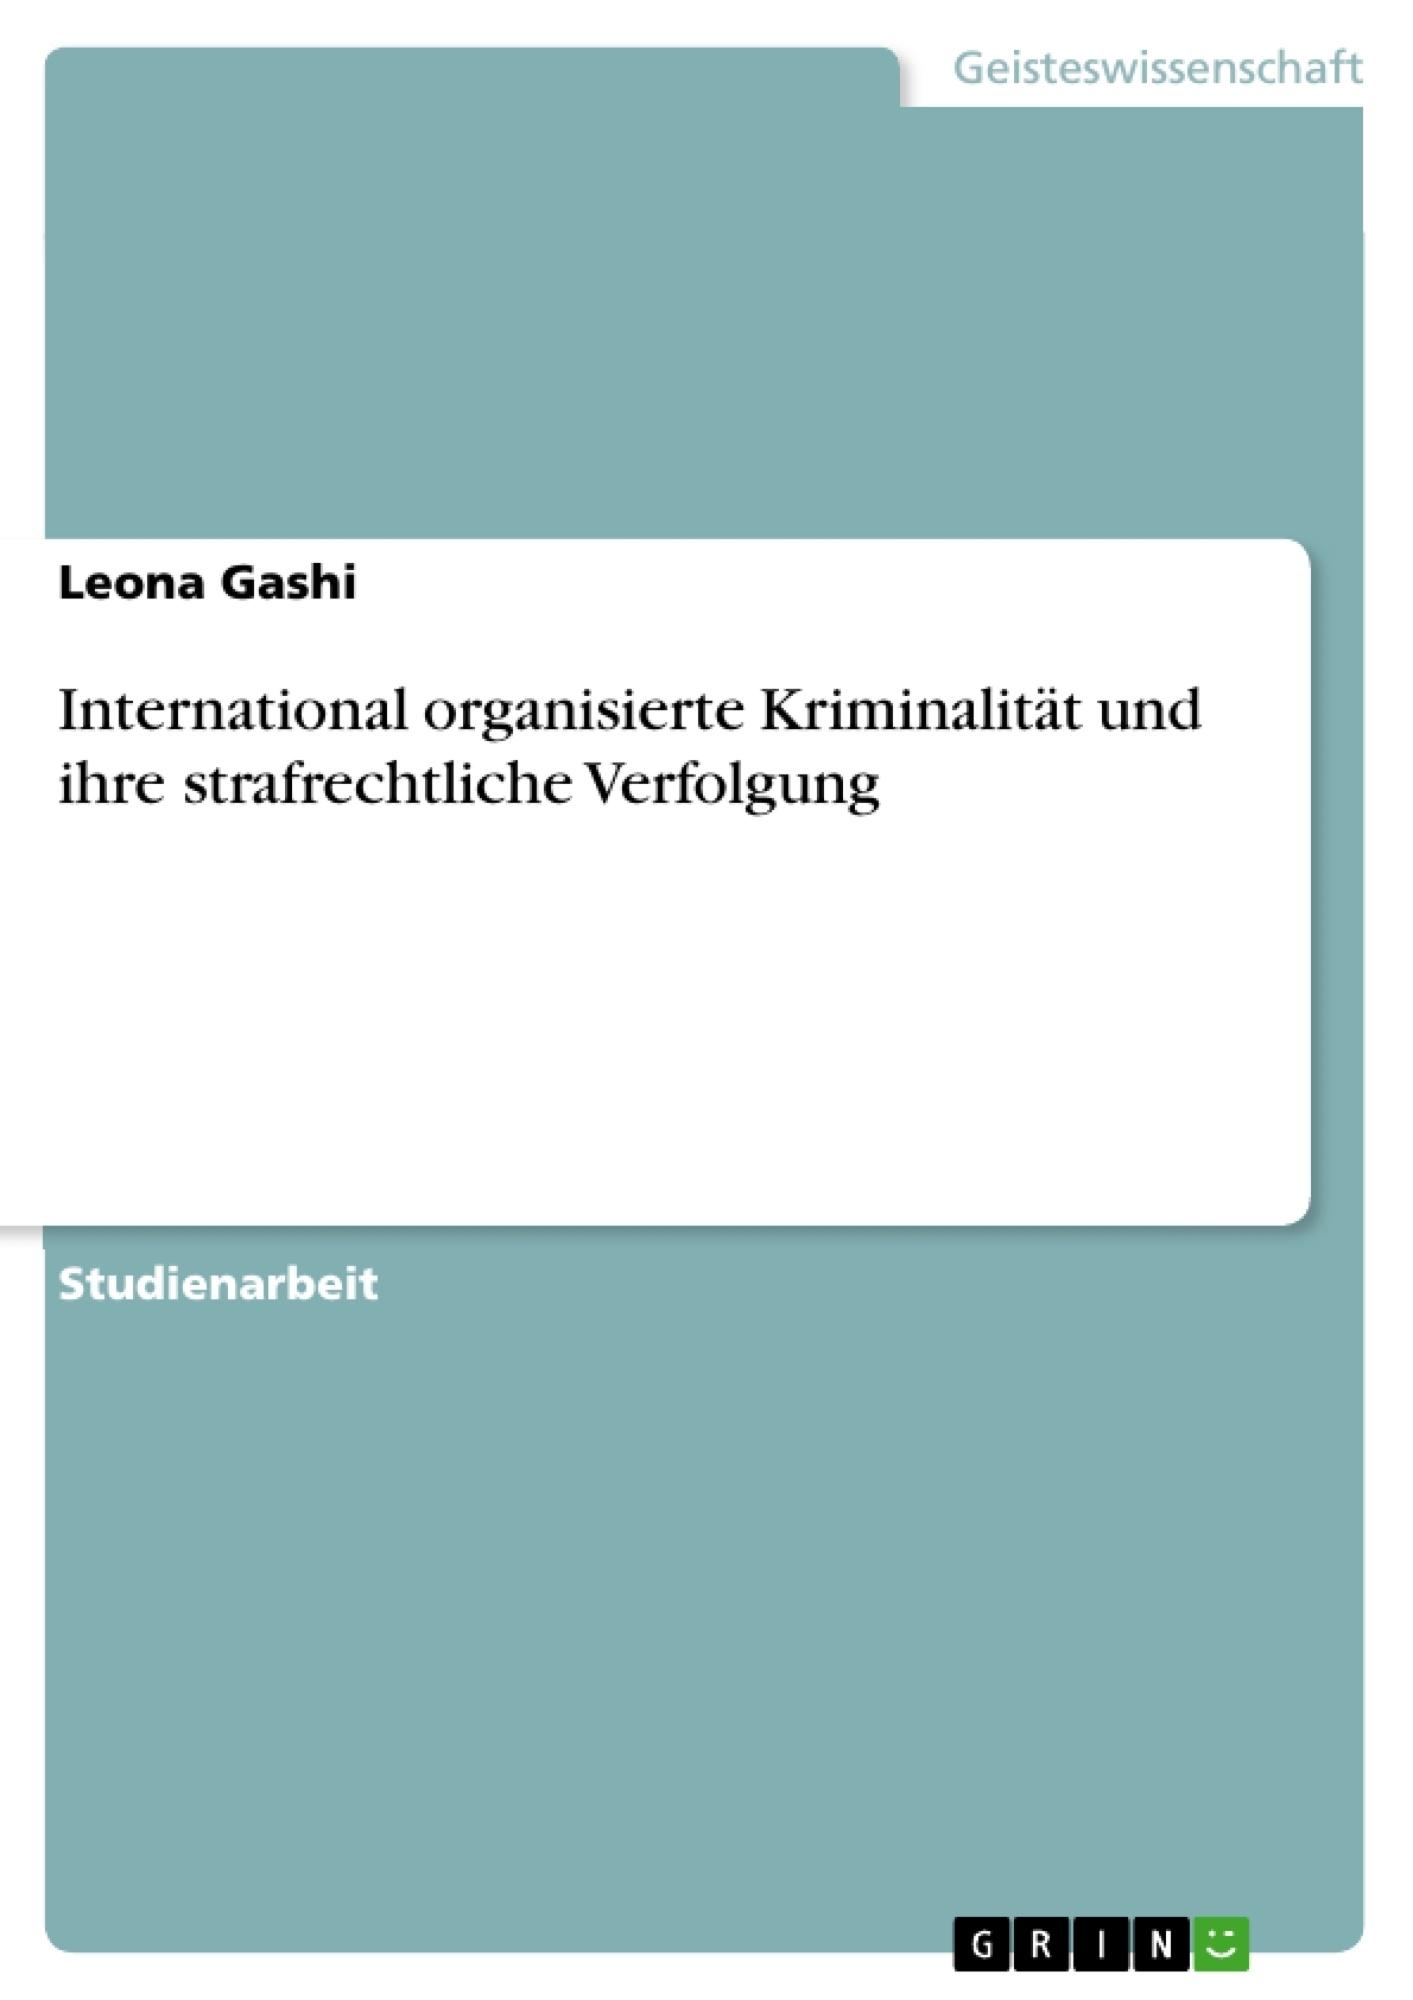 Titel: International organisierte Kriminalität und ihre strafrechtliche Verfolgung